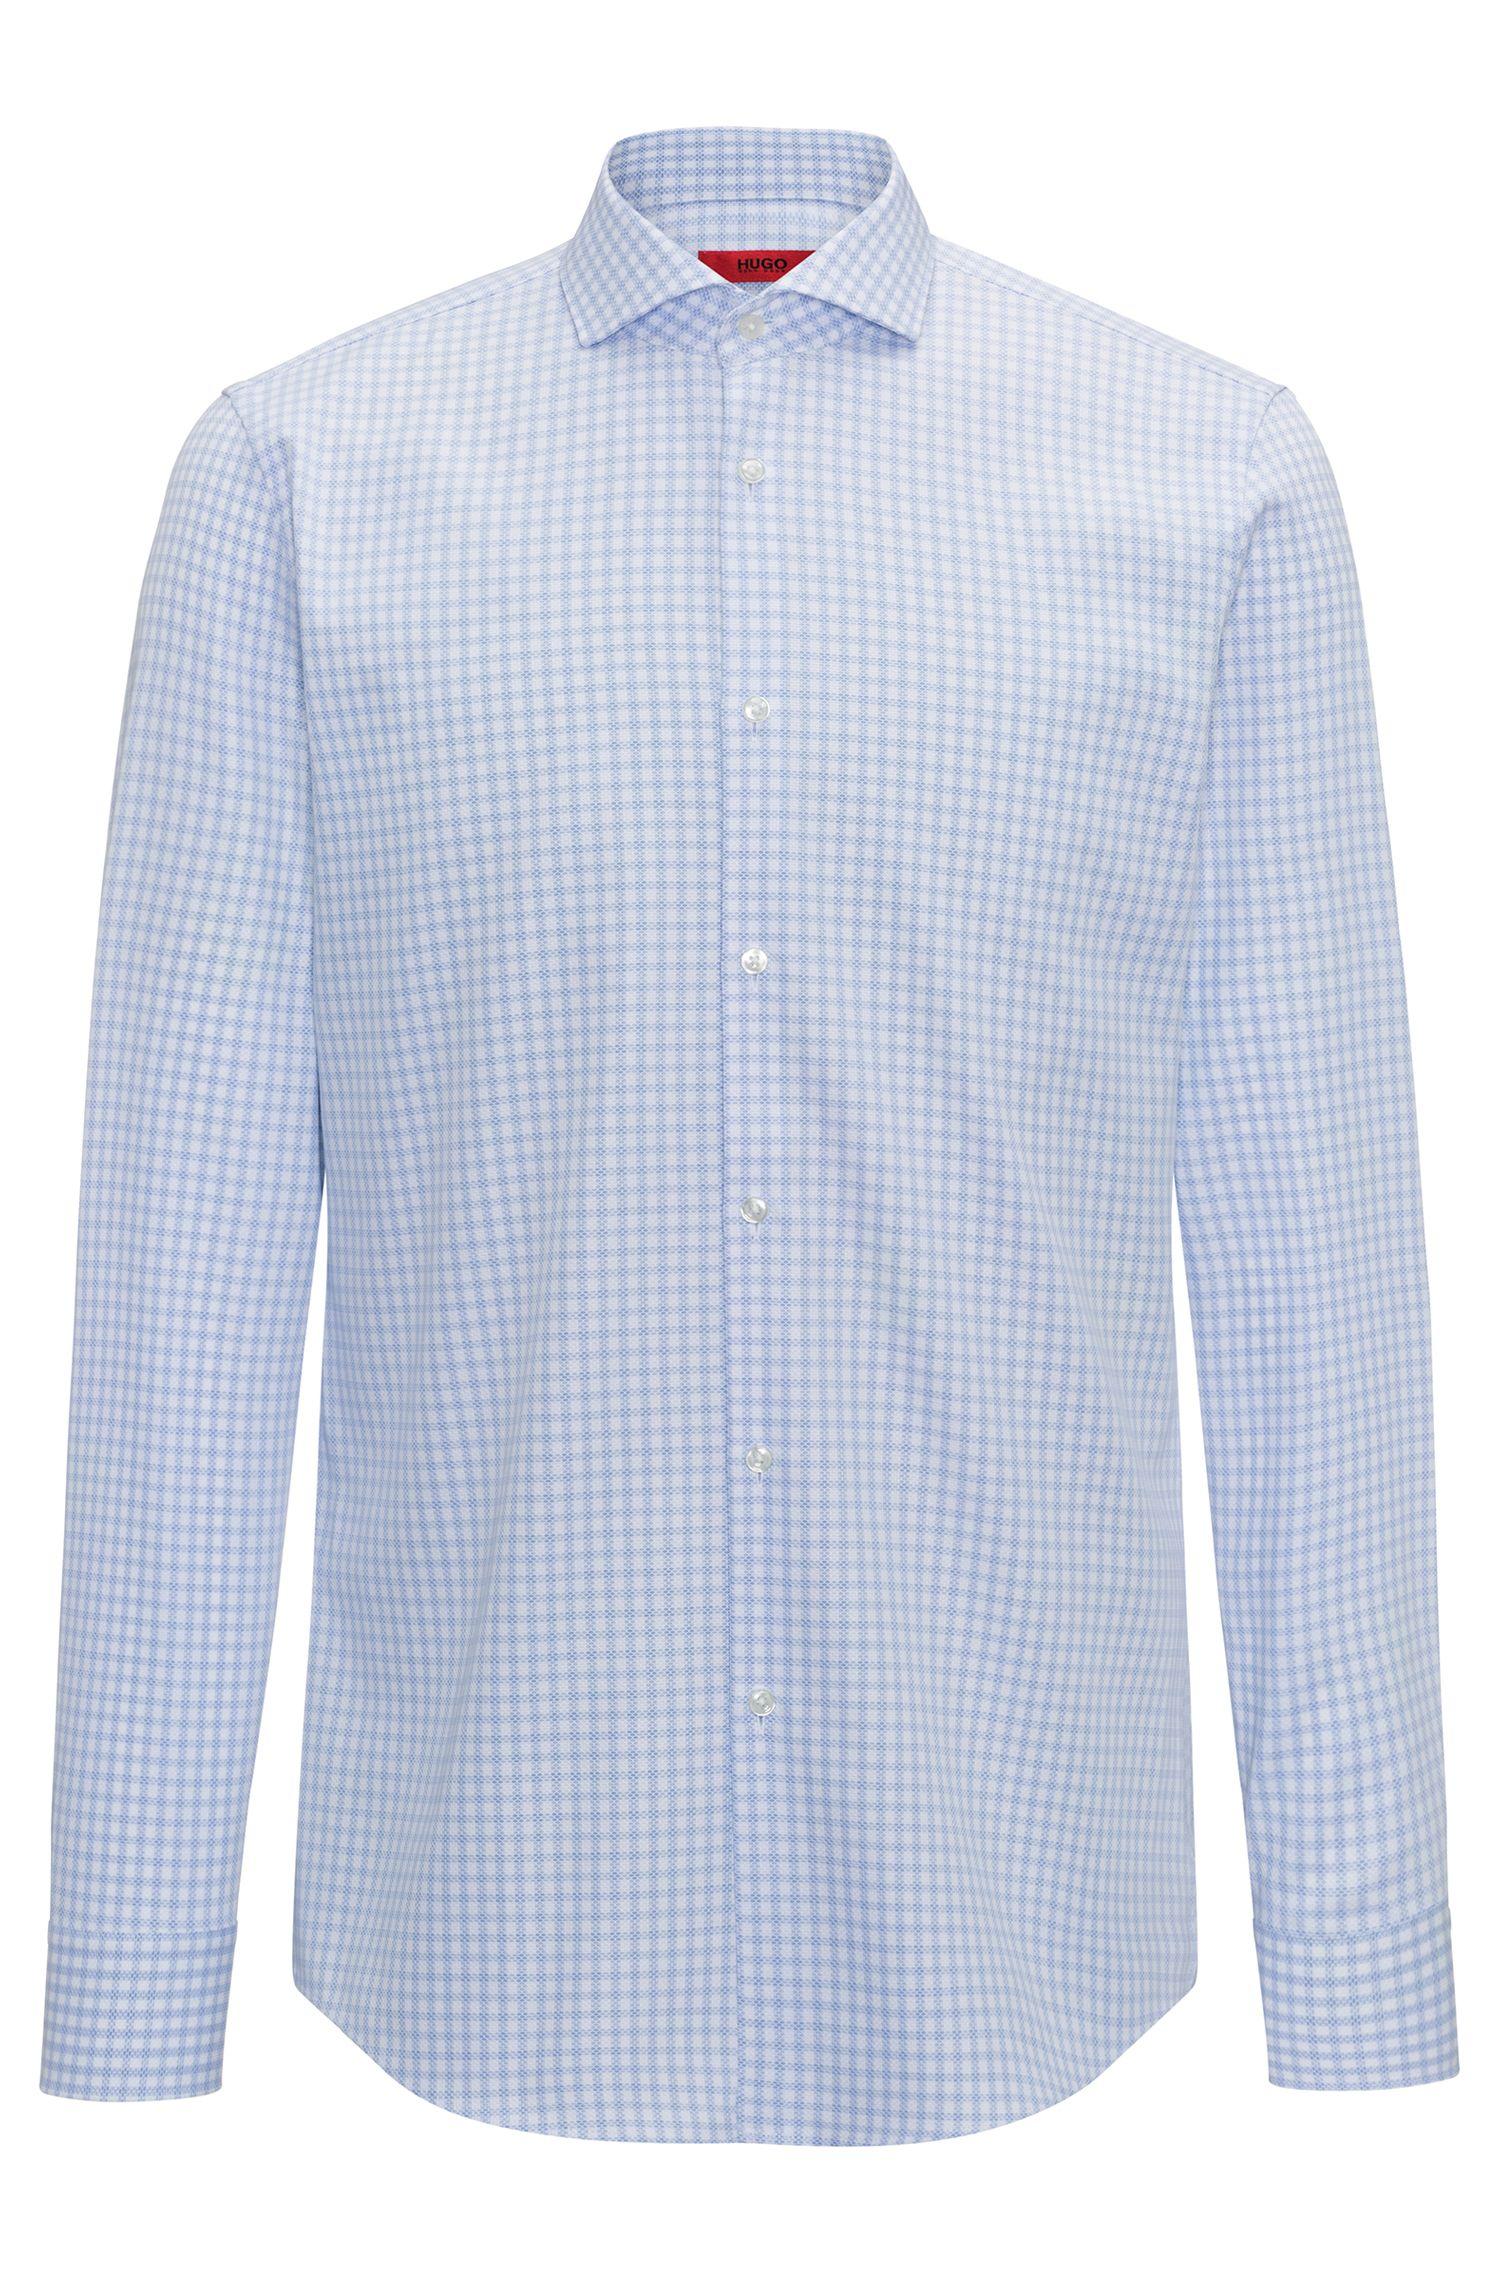 Kariertes Slim-Fit Hemd aus Baumwoll-Piqué